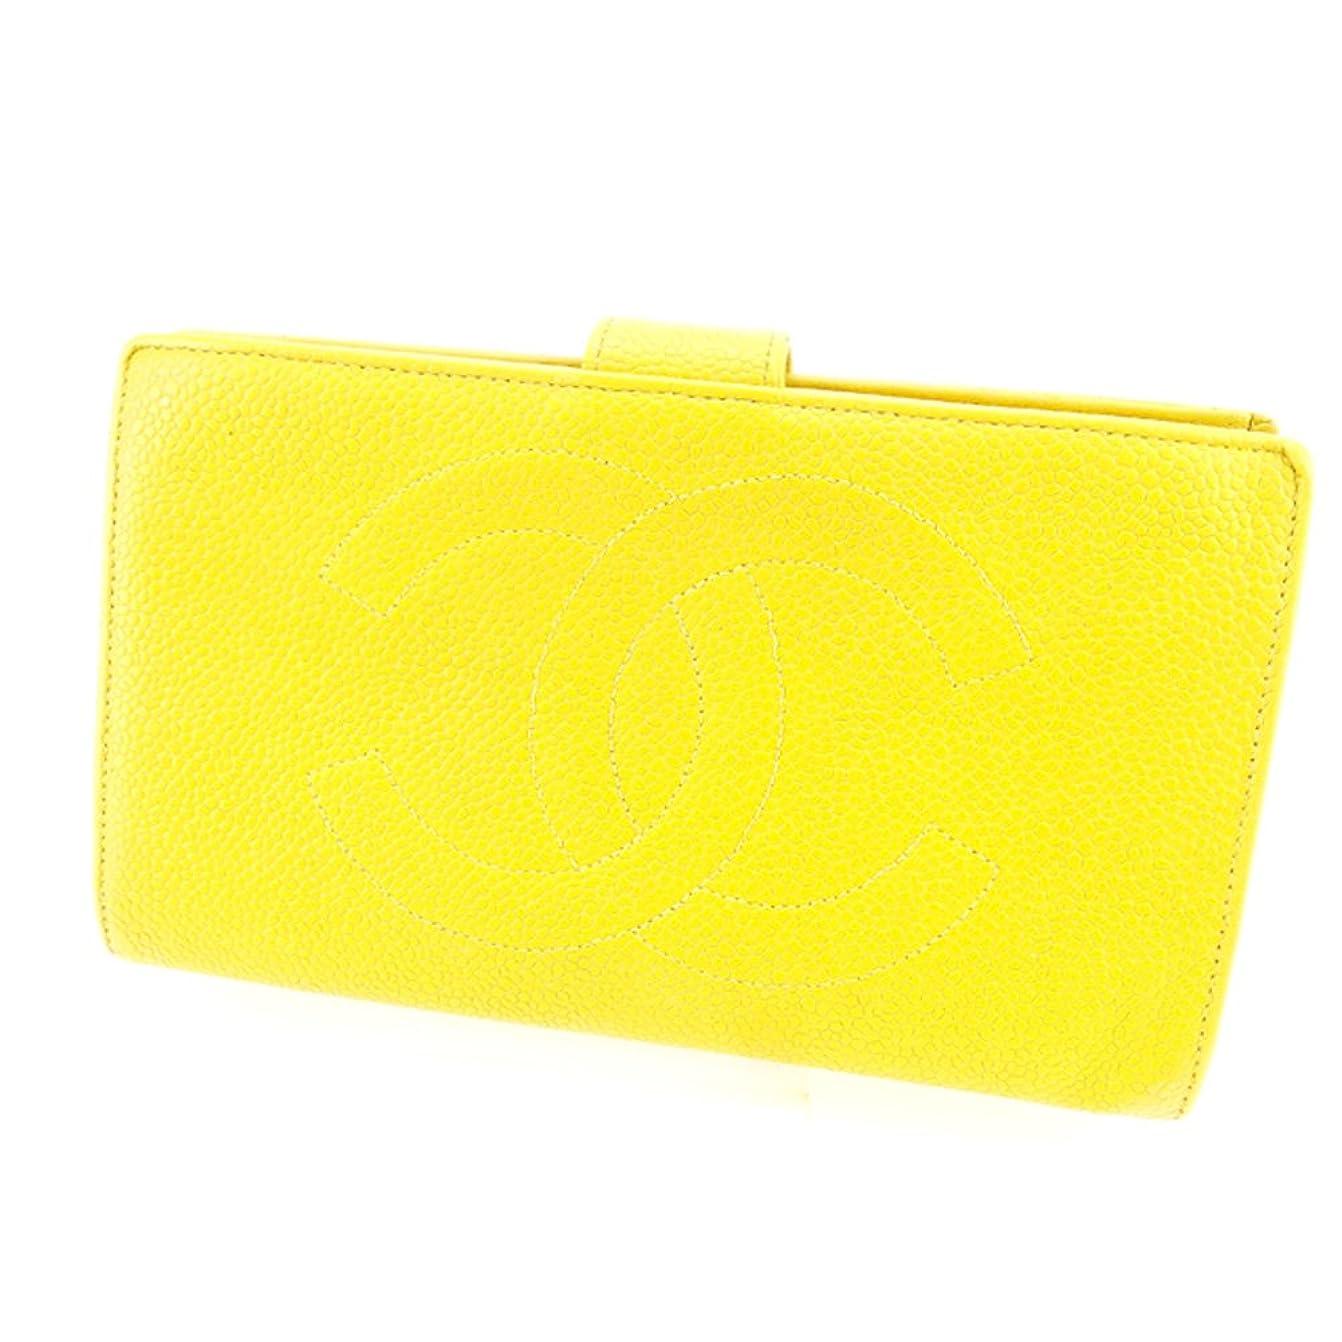 飛行場バナナ鉄道(シャネル) Chanel 長財布 がま口 財布 イエロー ゴールド オールドシャネル ココマーク レディース メンズ 可 中古 T4916